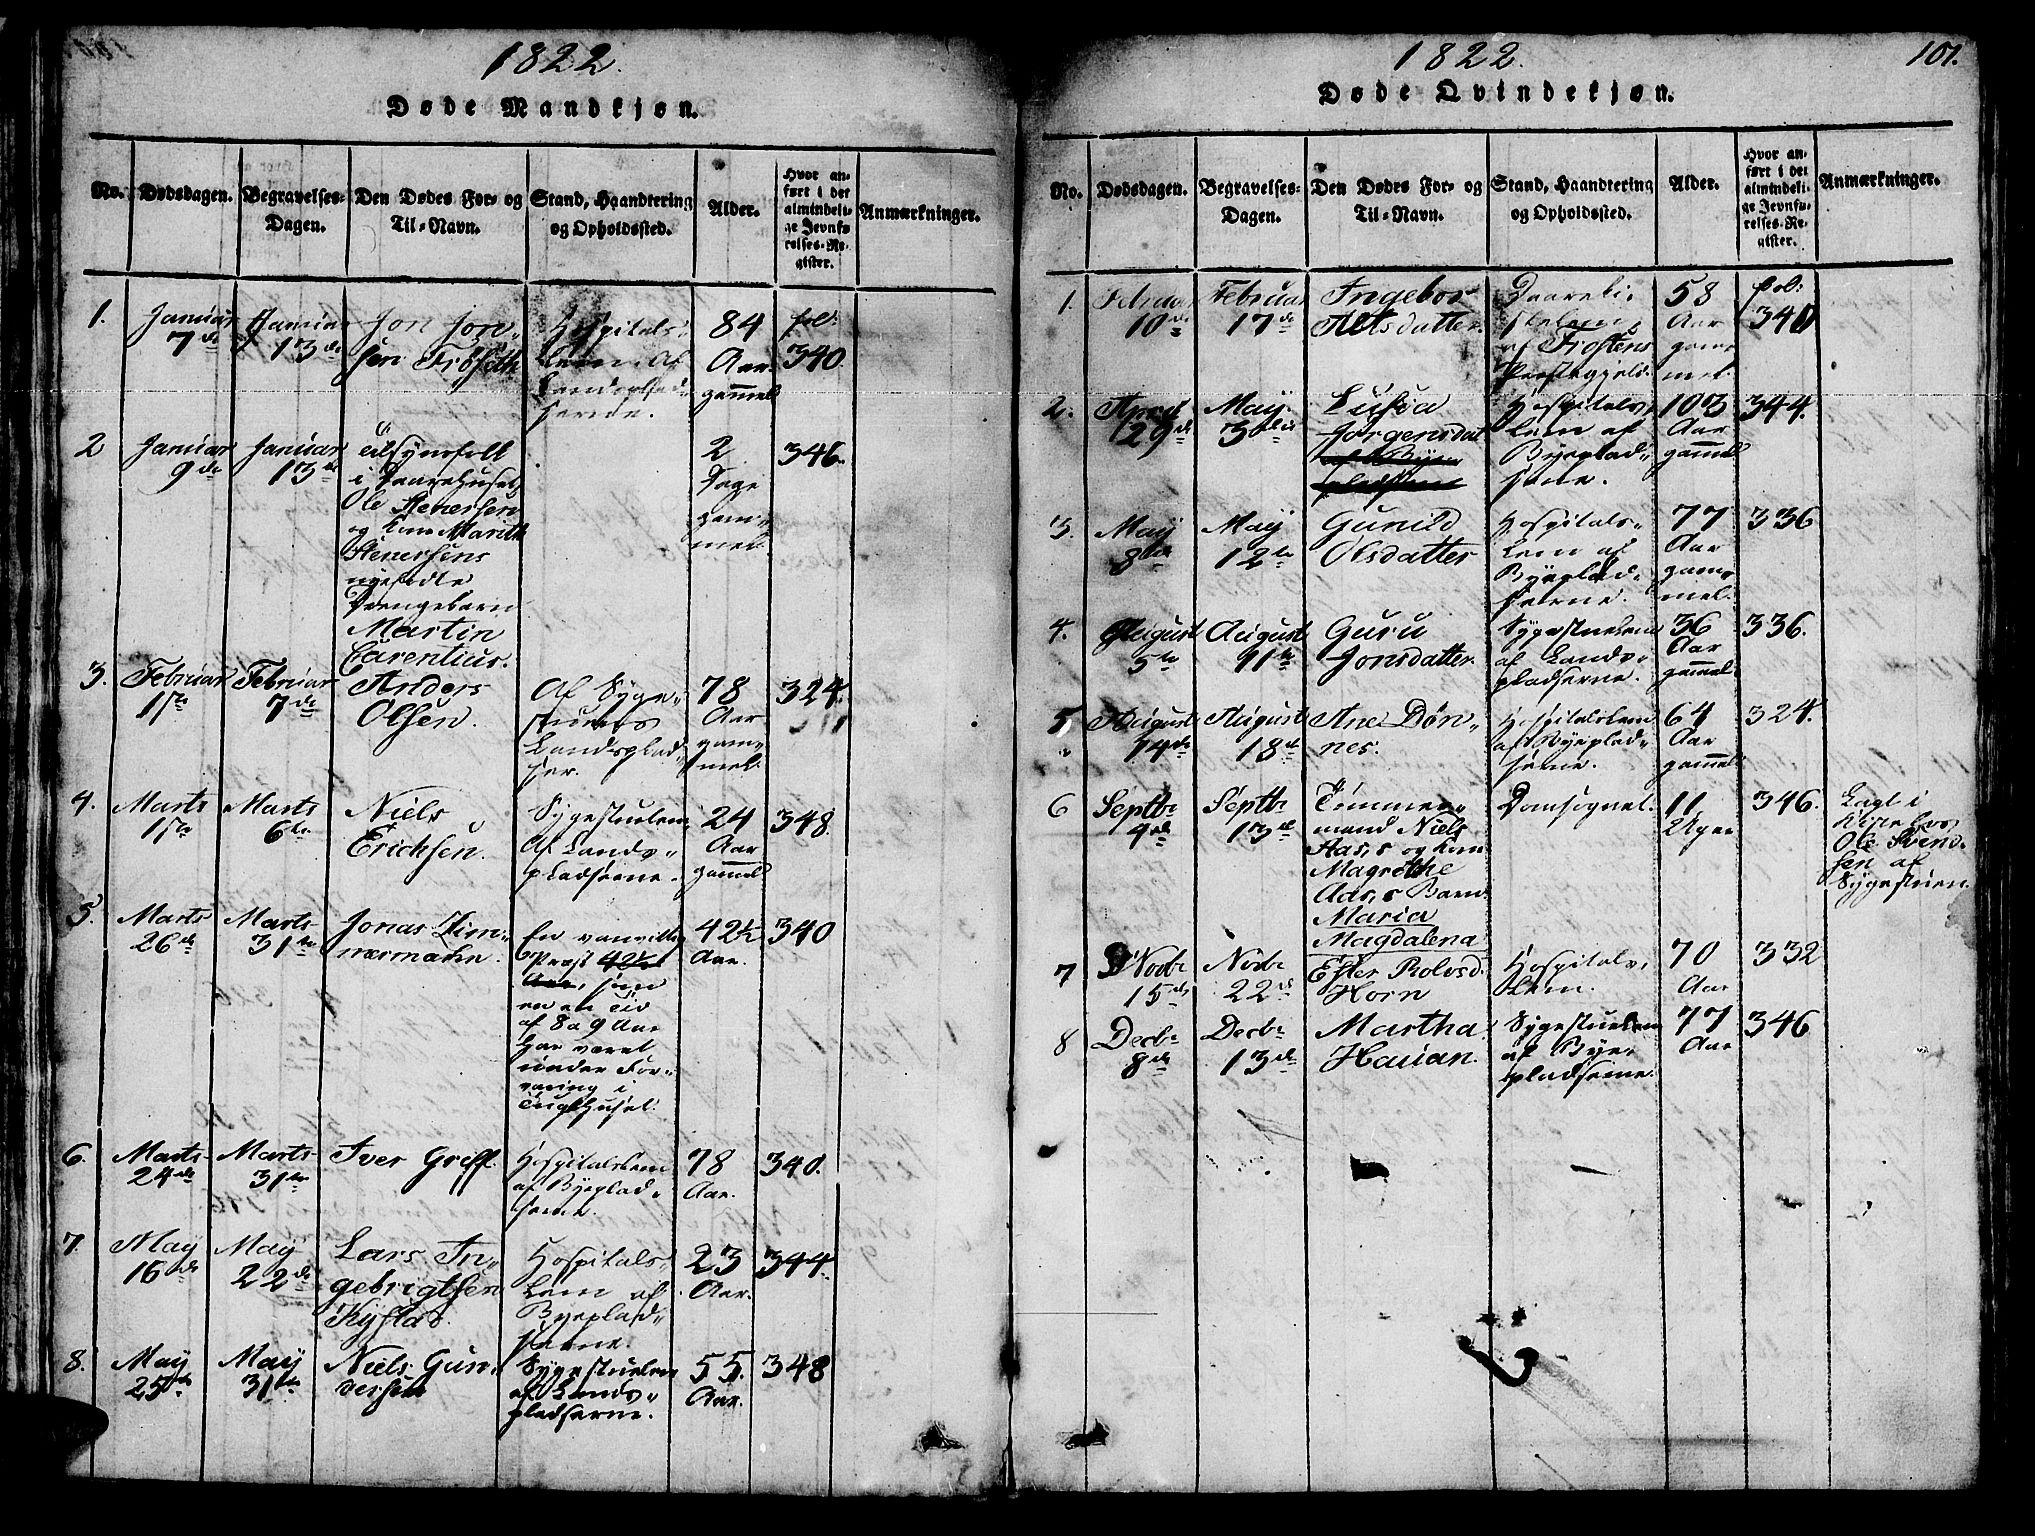 SAT, Ministerialprotokoller, klokkerbøker og fødselsregistre - Sør-Trøndelag, 623/L0478: Klokkerbok nr. 623C01, 1815-1873, s. 101